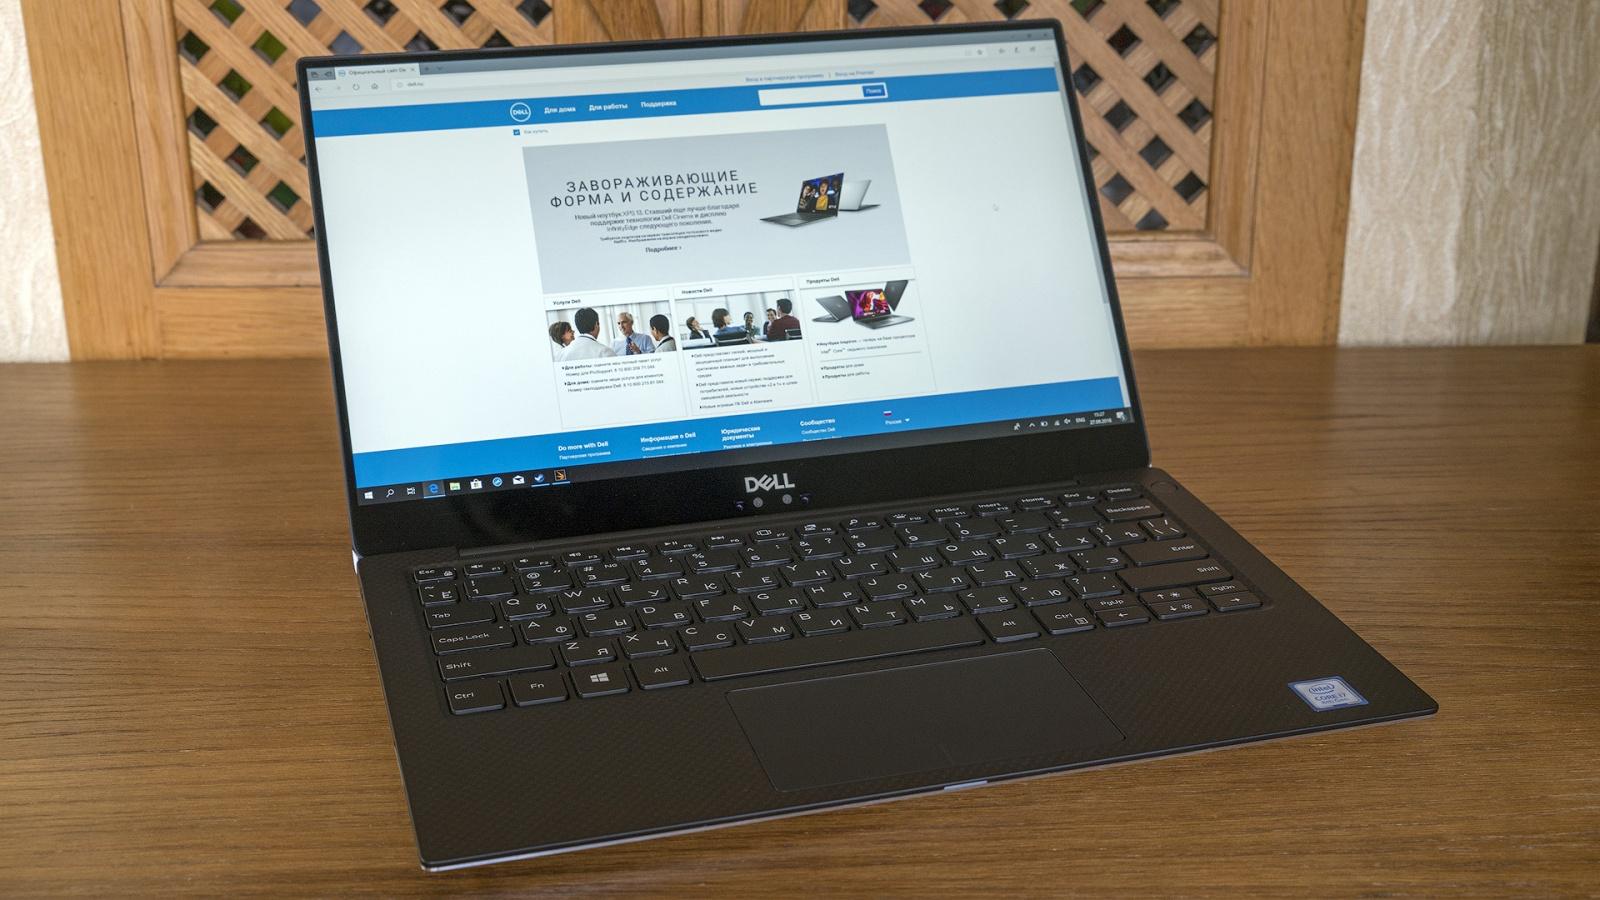 Обзор ноутбука Dell XPS 13 9370: лёгкий, красивый, быстрый - 14